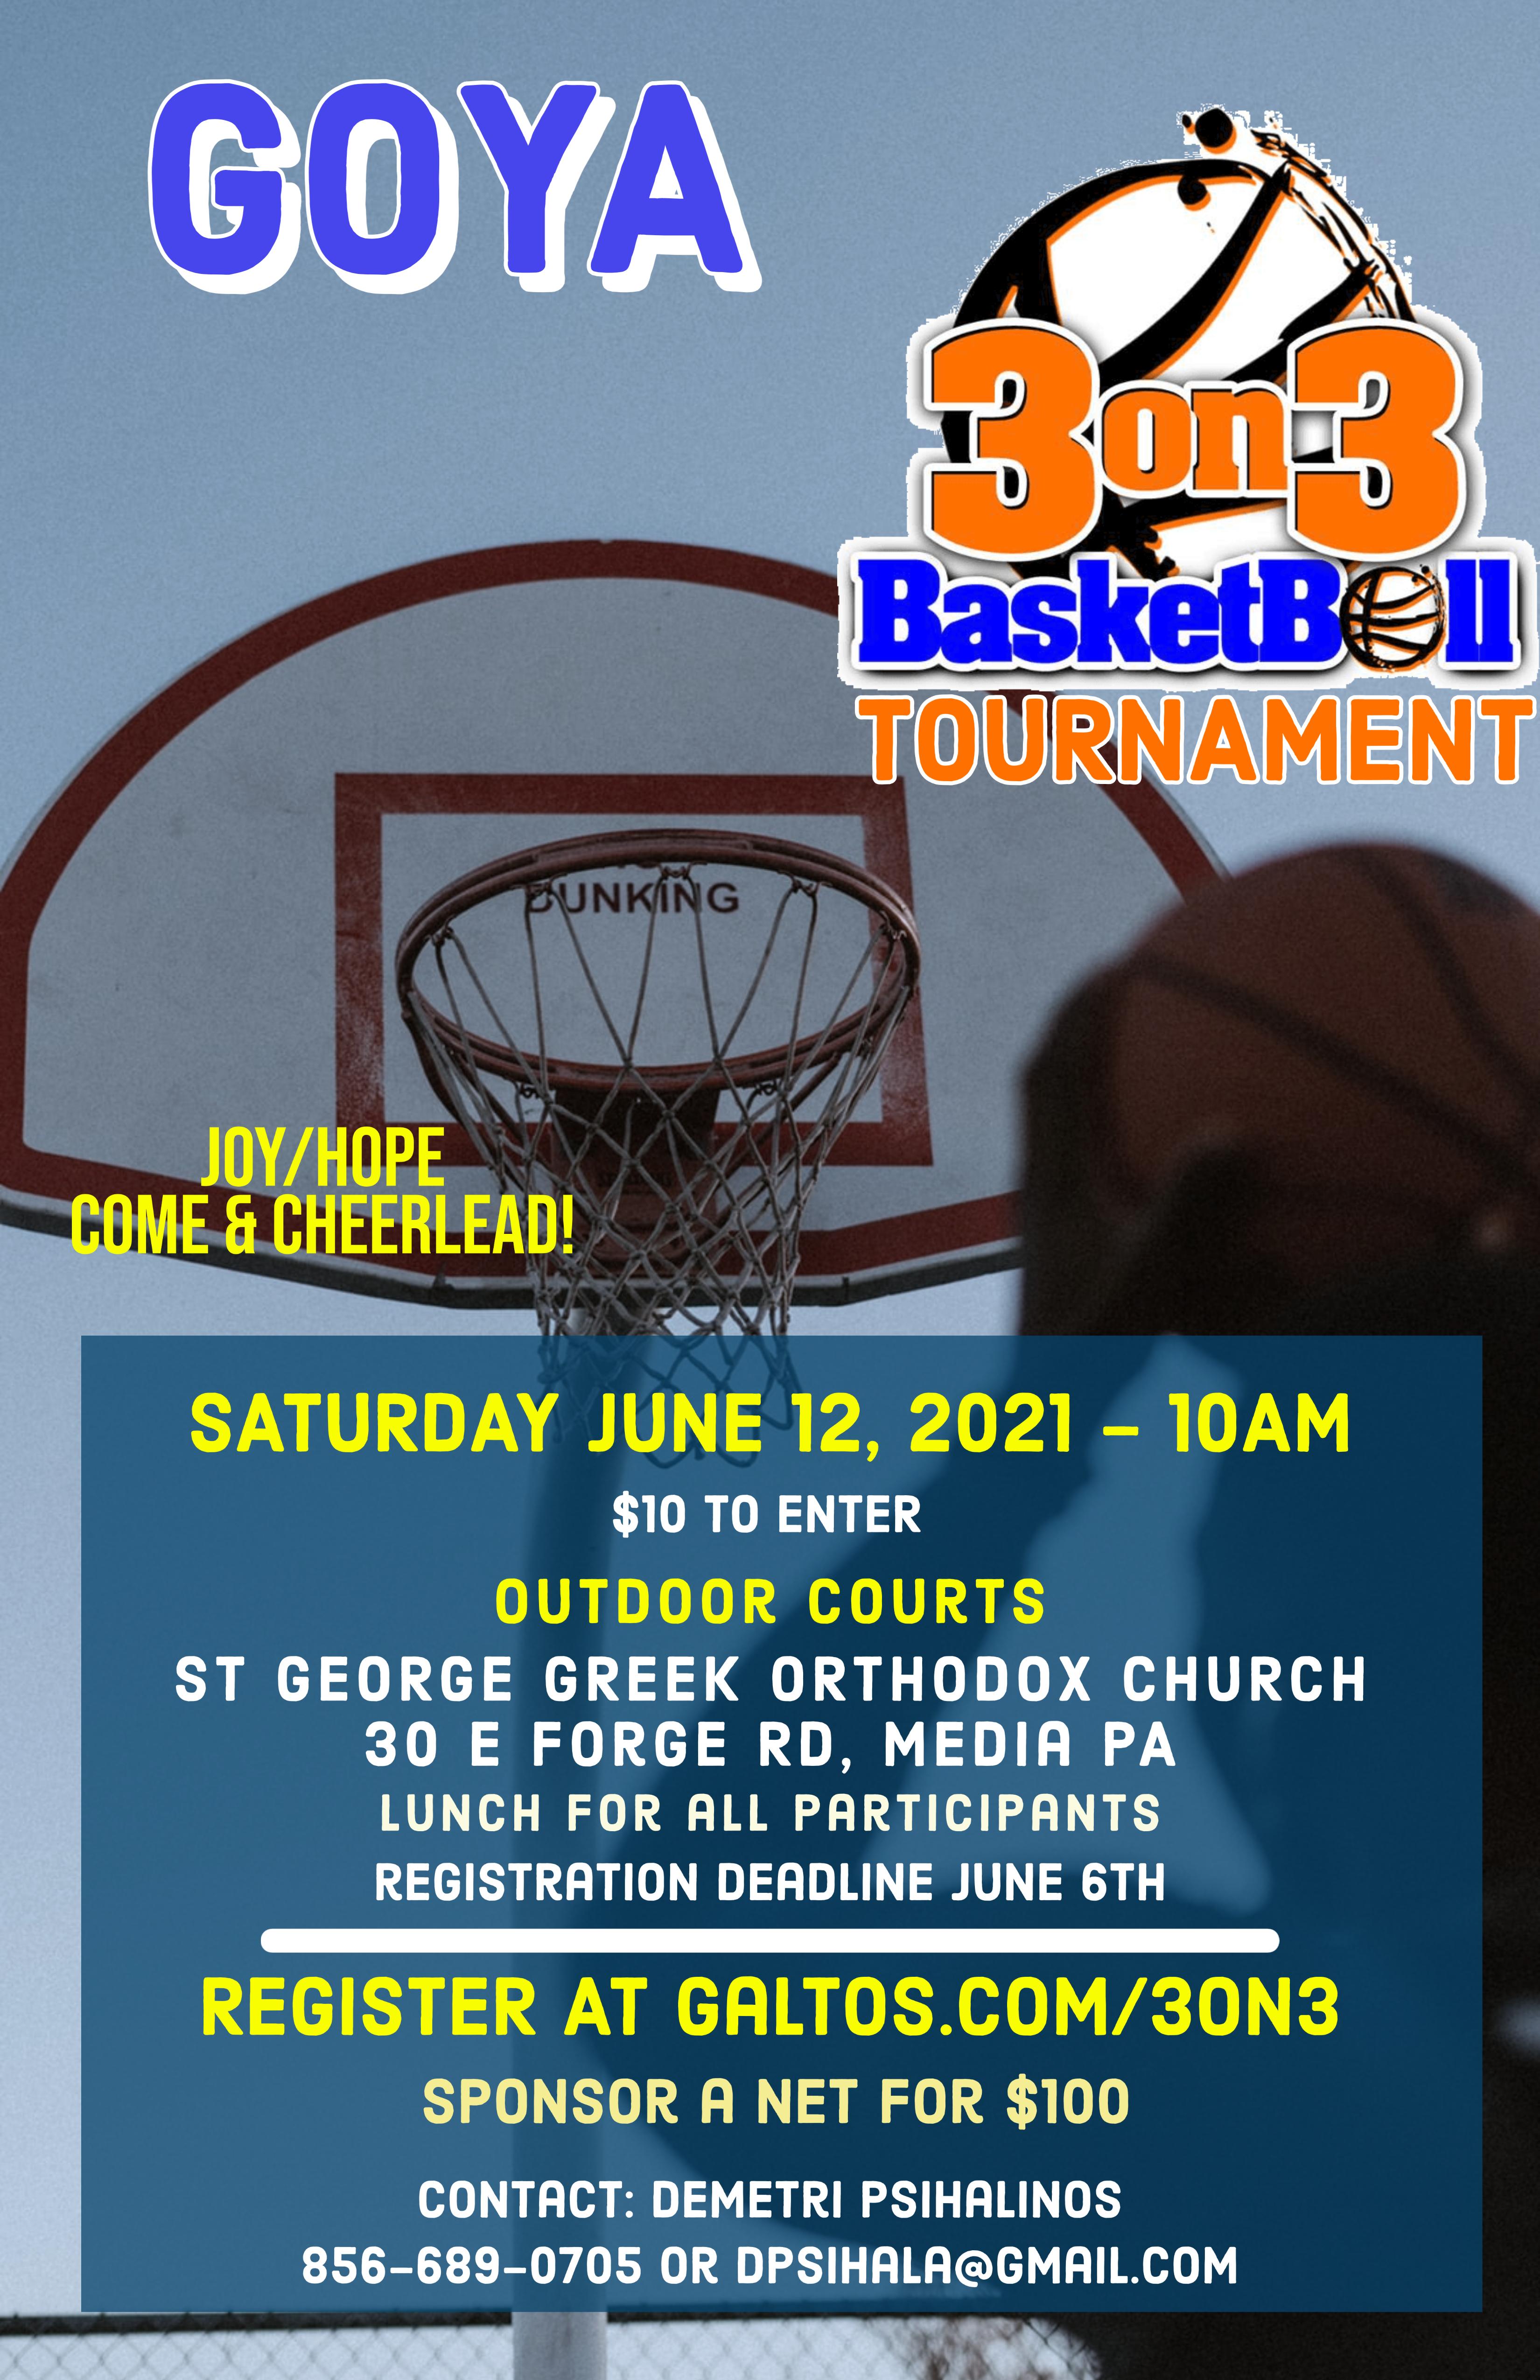 2021_3on3 Basketball